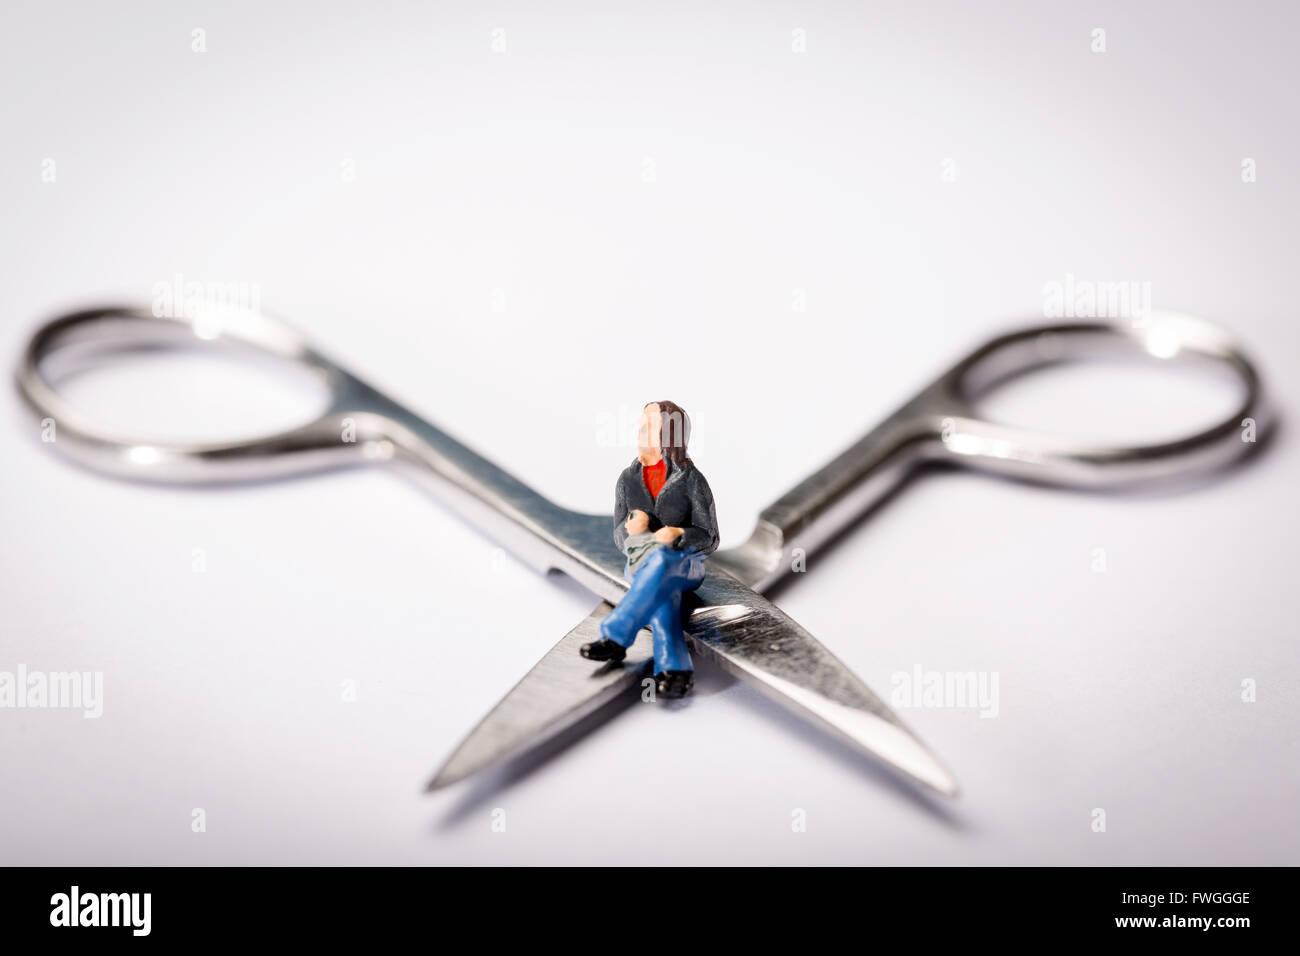 Image d'un concept de la vasectomie figure miniature assit jambes croisées sur une paire de ciseaux Banque D'Images